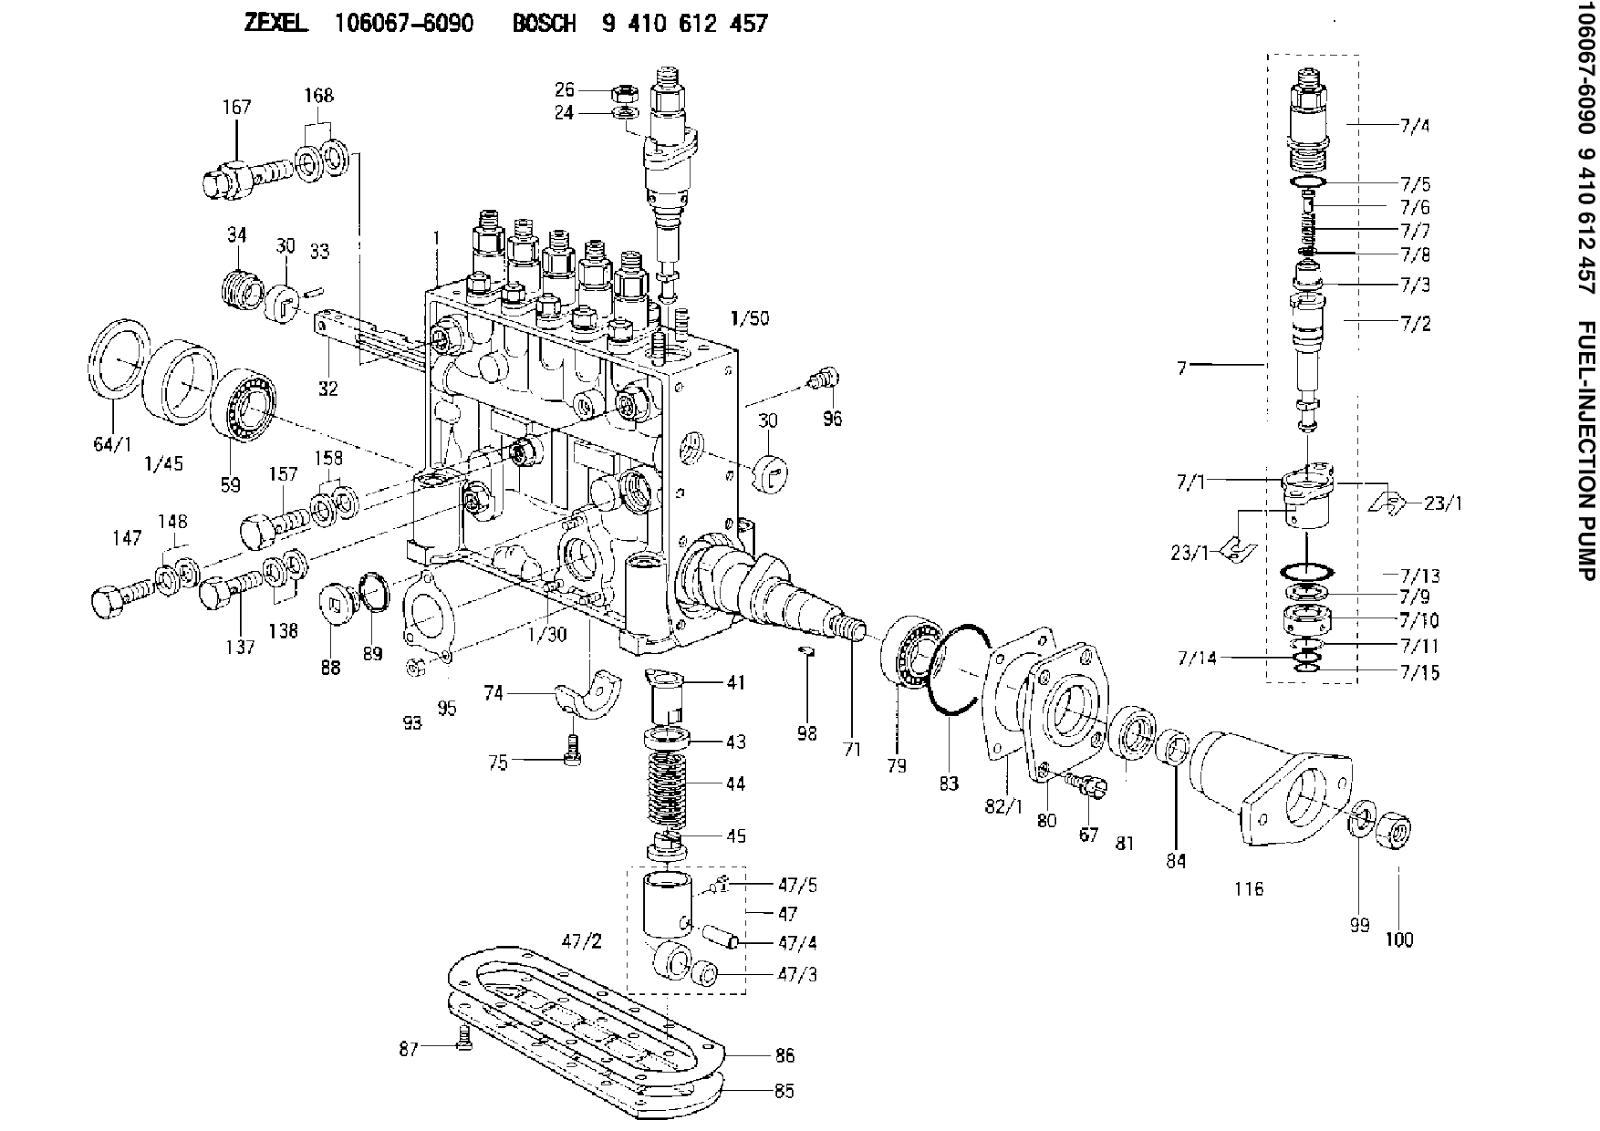 Sparescode Fuel Injection Pump Zexel